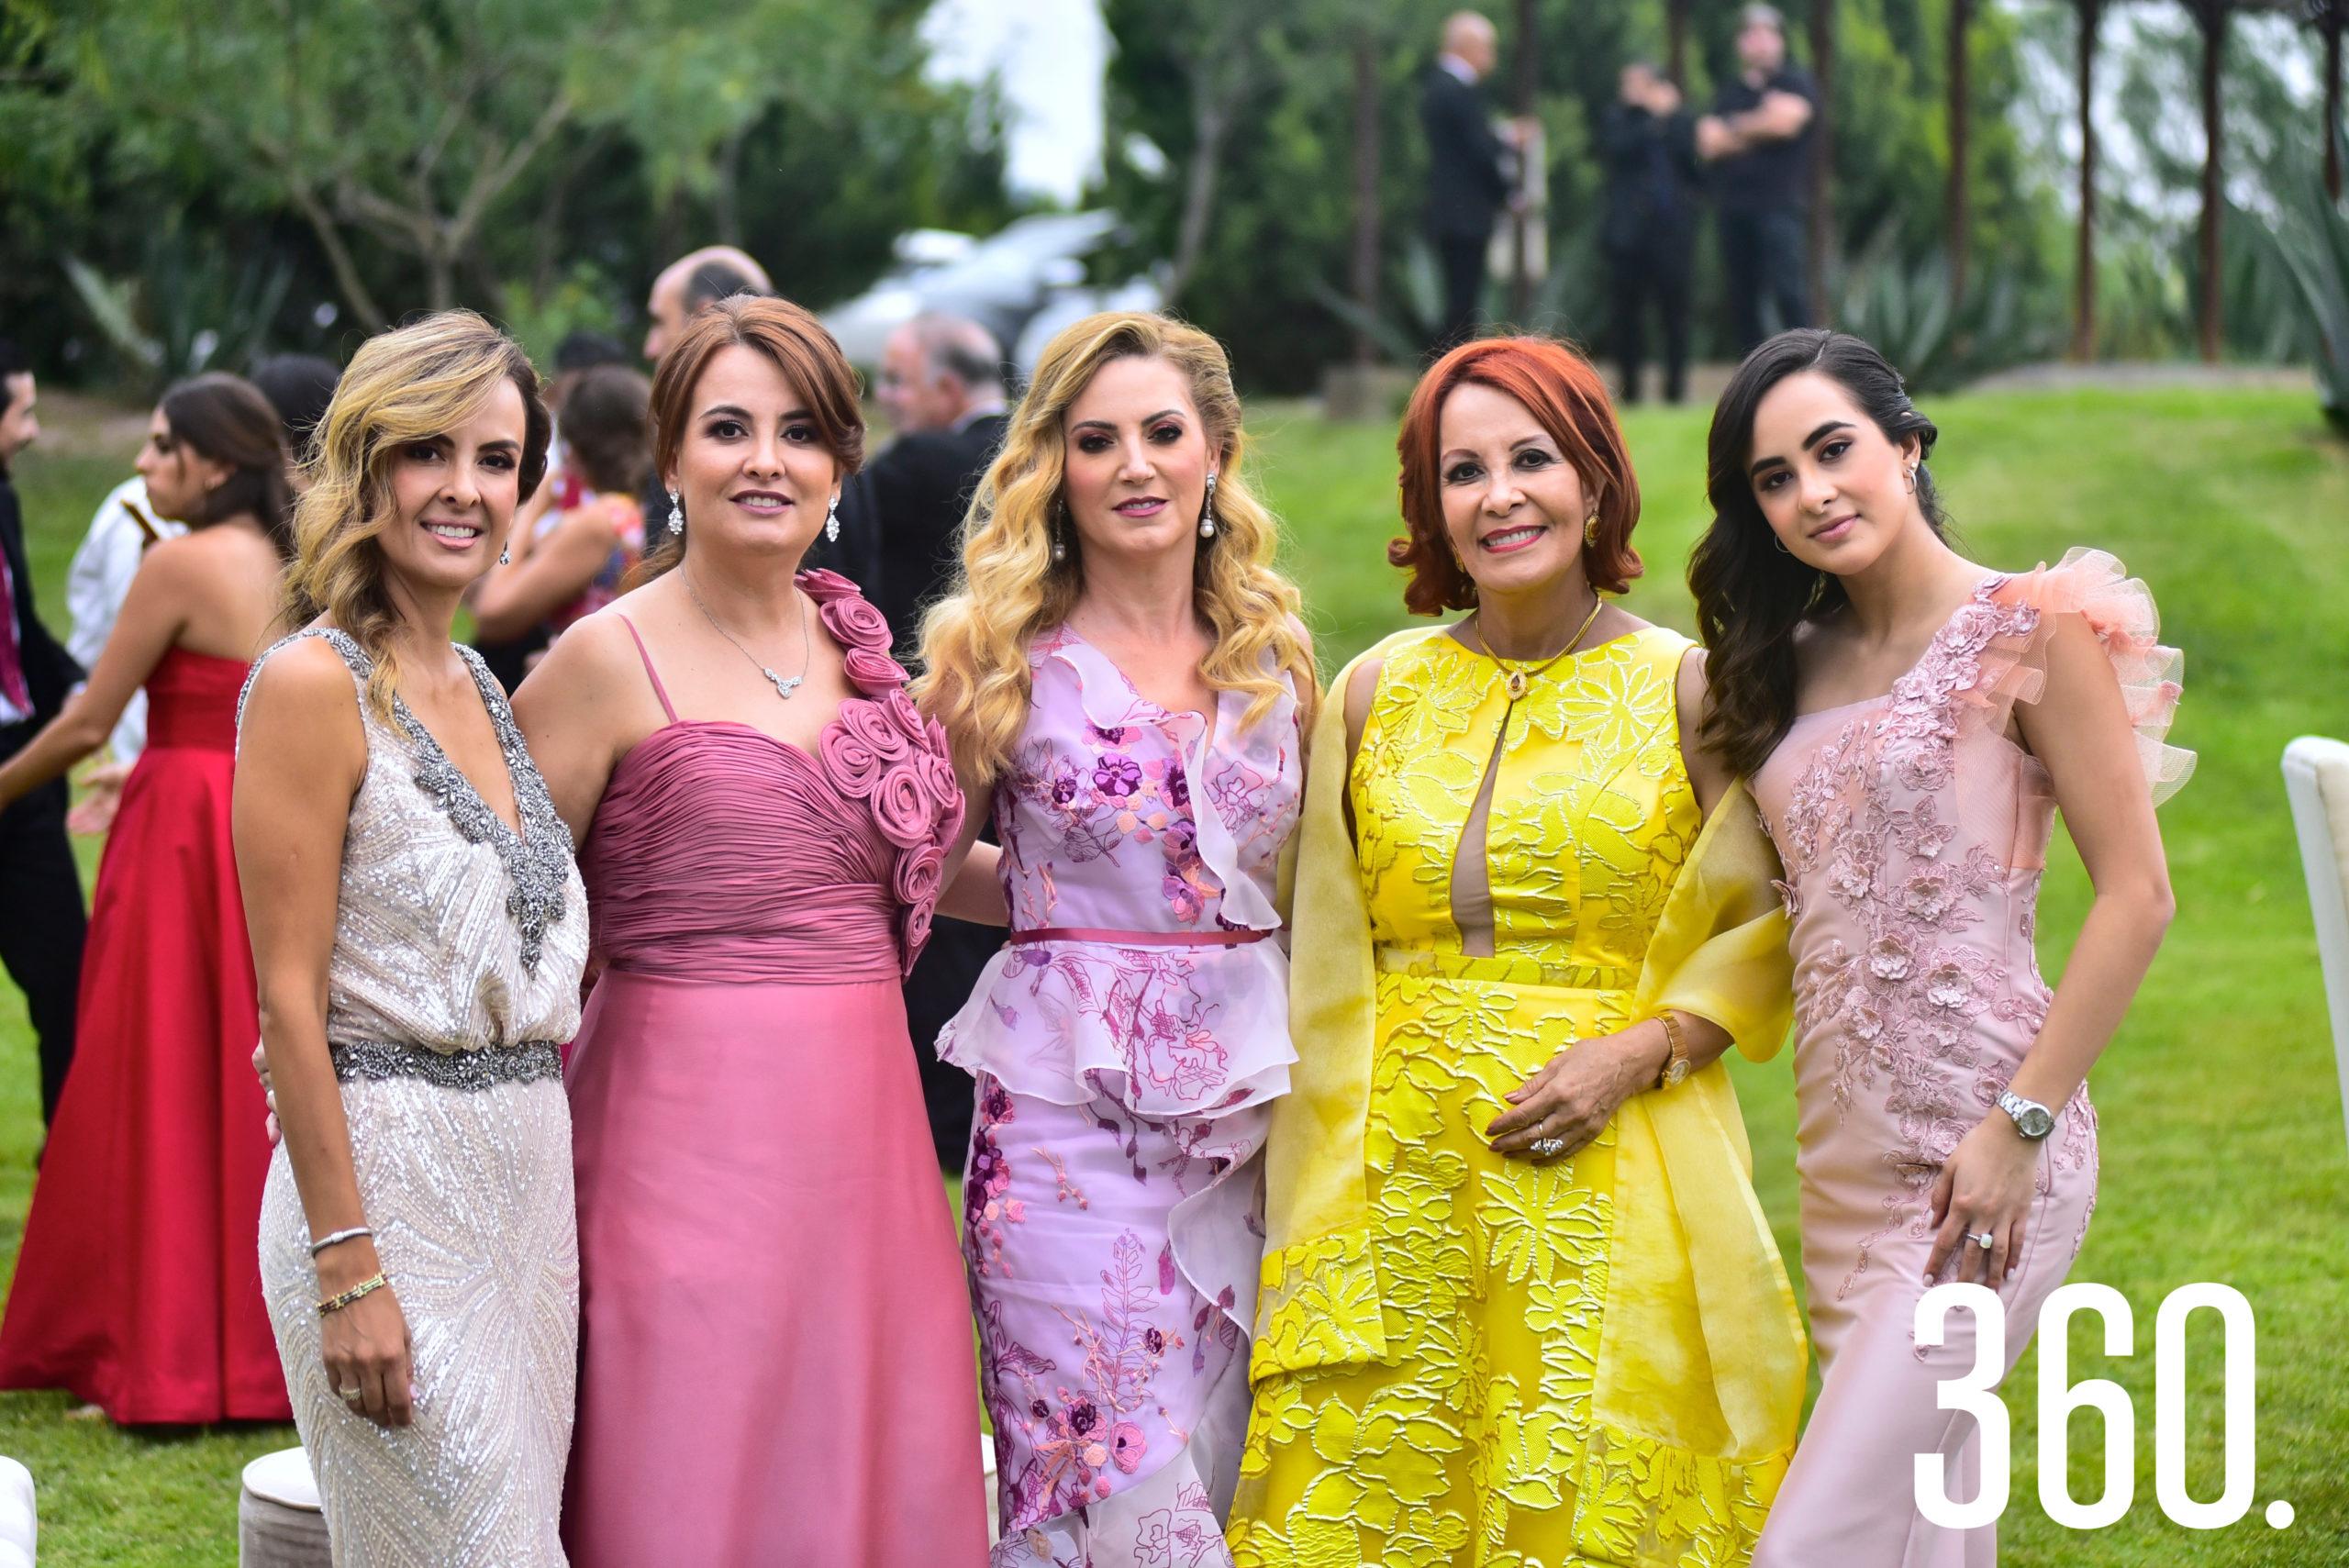 Claudia Valdés de Villarreal, Olga Valdés, Gabriela Morales, Olga Sahagún de Valdés y Daniela Cepeda.